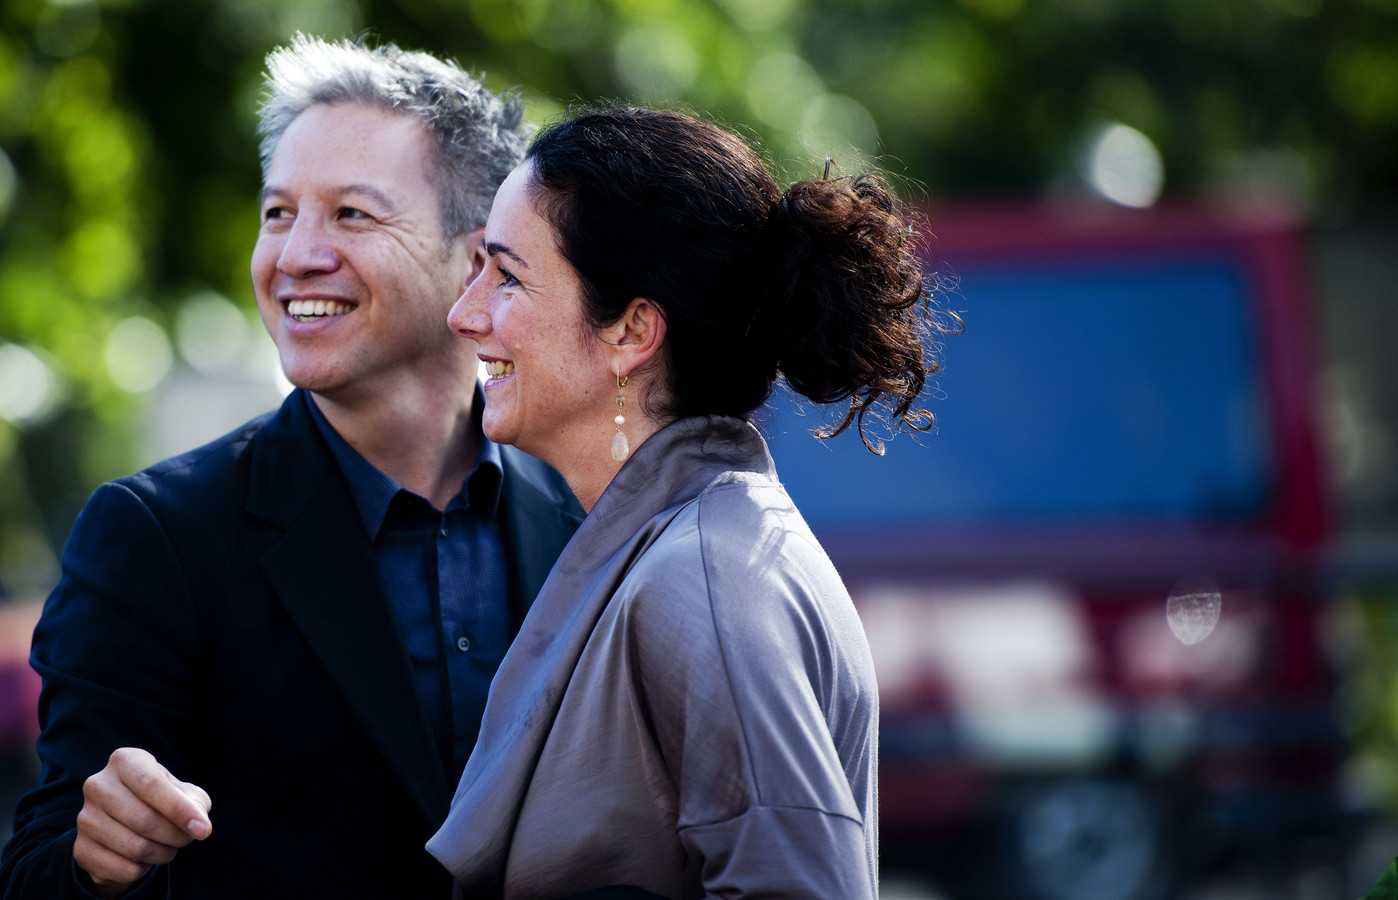 Femke Halsema (R) met haar partner, regisseur Robert Oey in 2010.